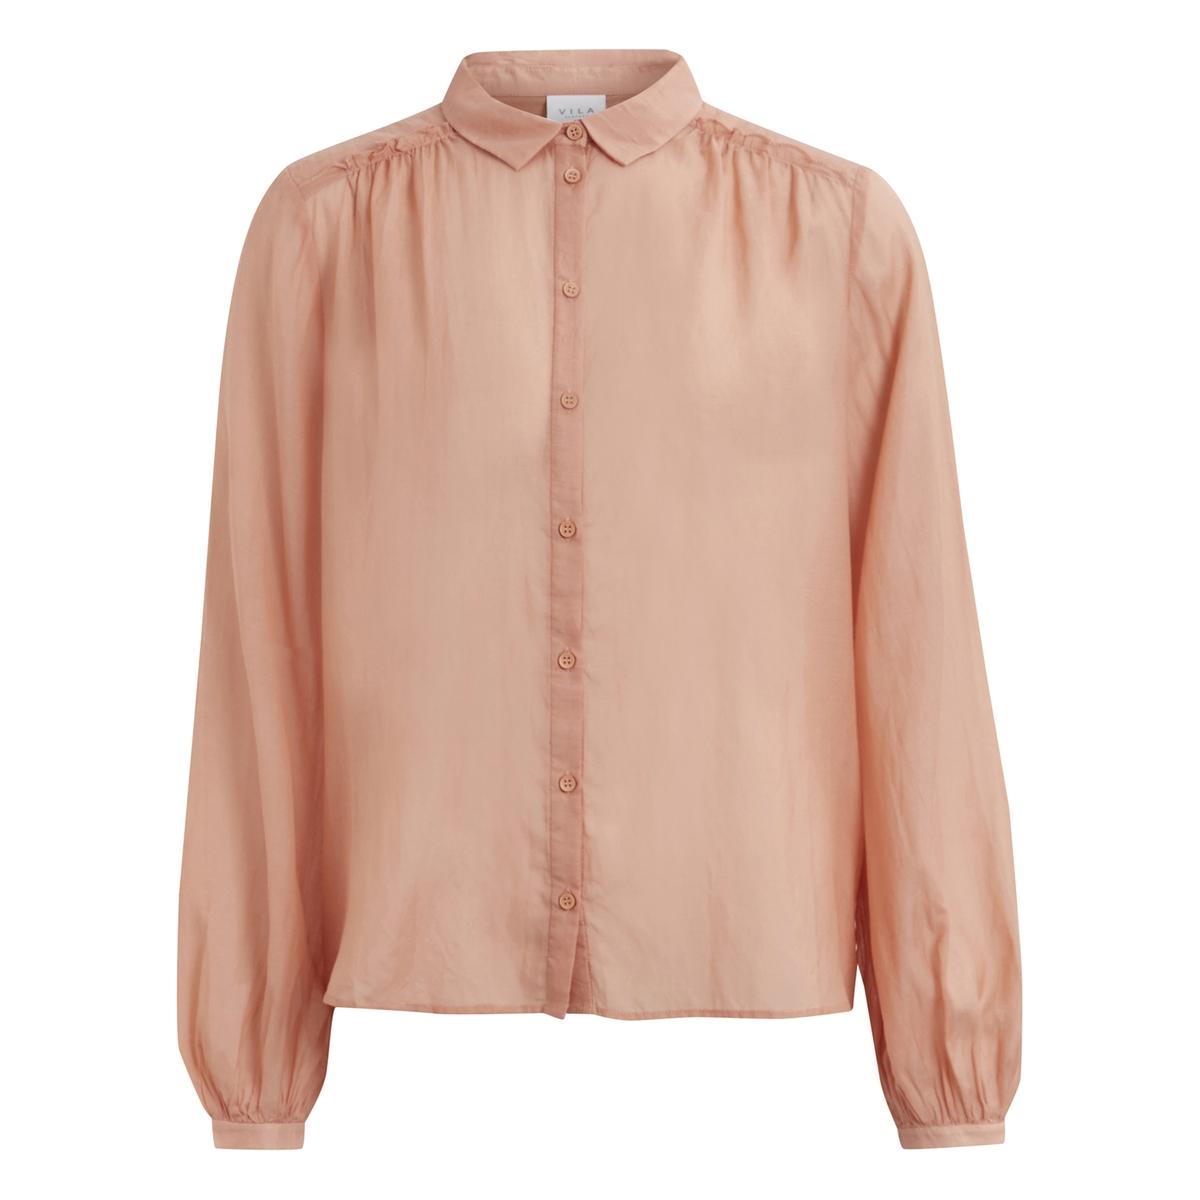 Рубашка из вуали VIPOPULAR L/S SHIRTСостав и описание :Материал : 100% хлопкаМарка : VILA.<br><br>Цвет: бледно-розовый<br>Размер: L